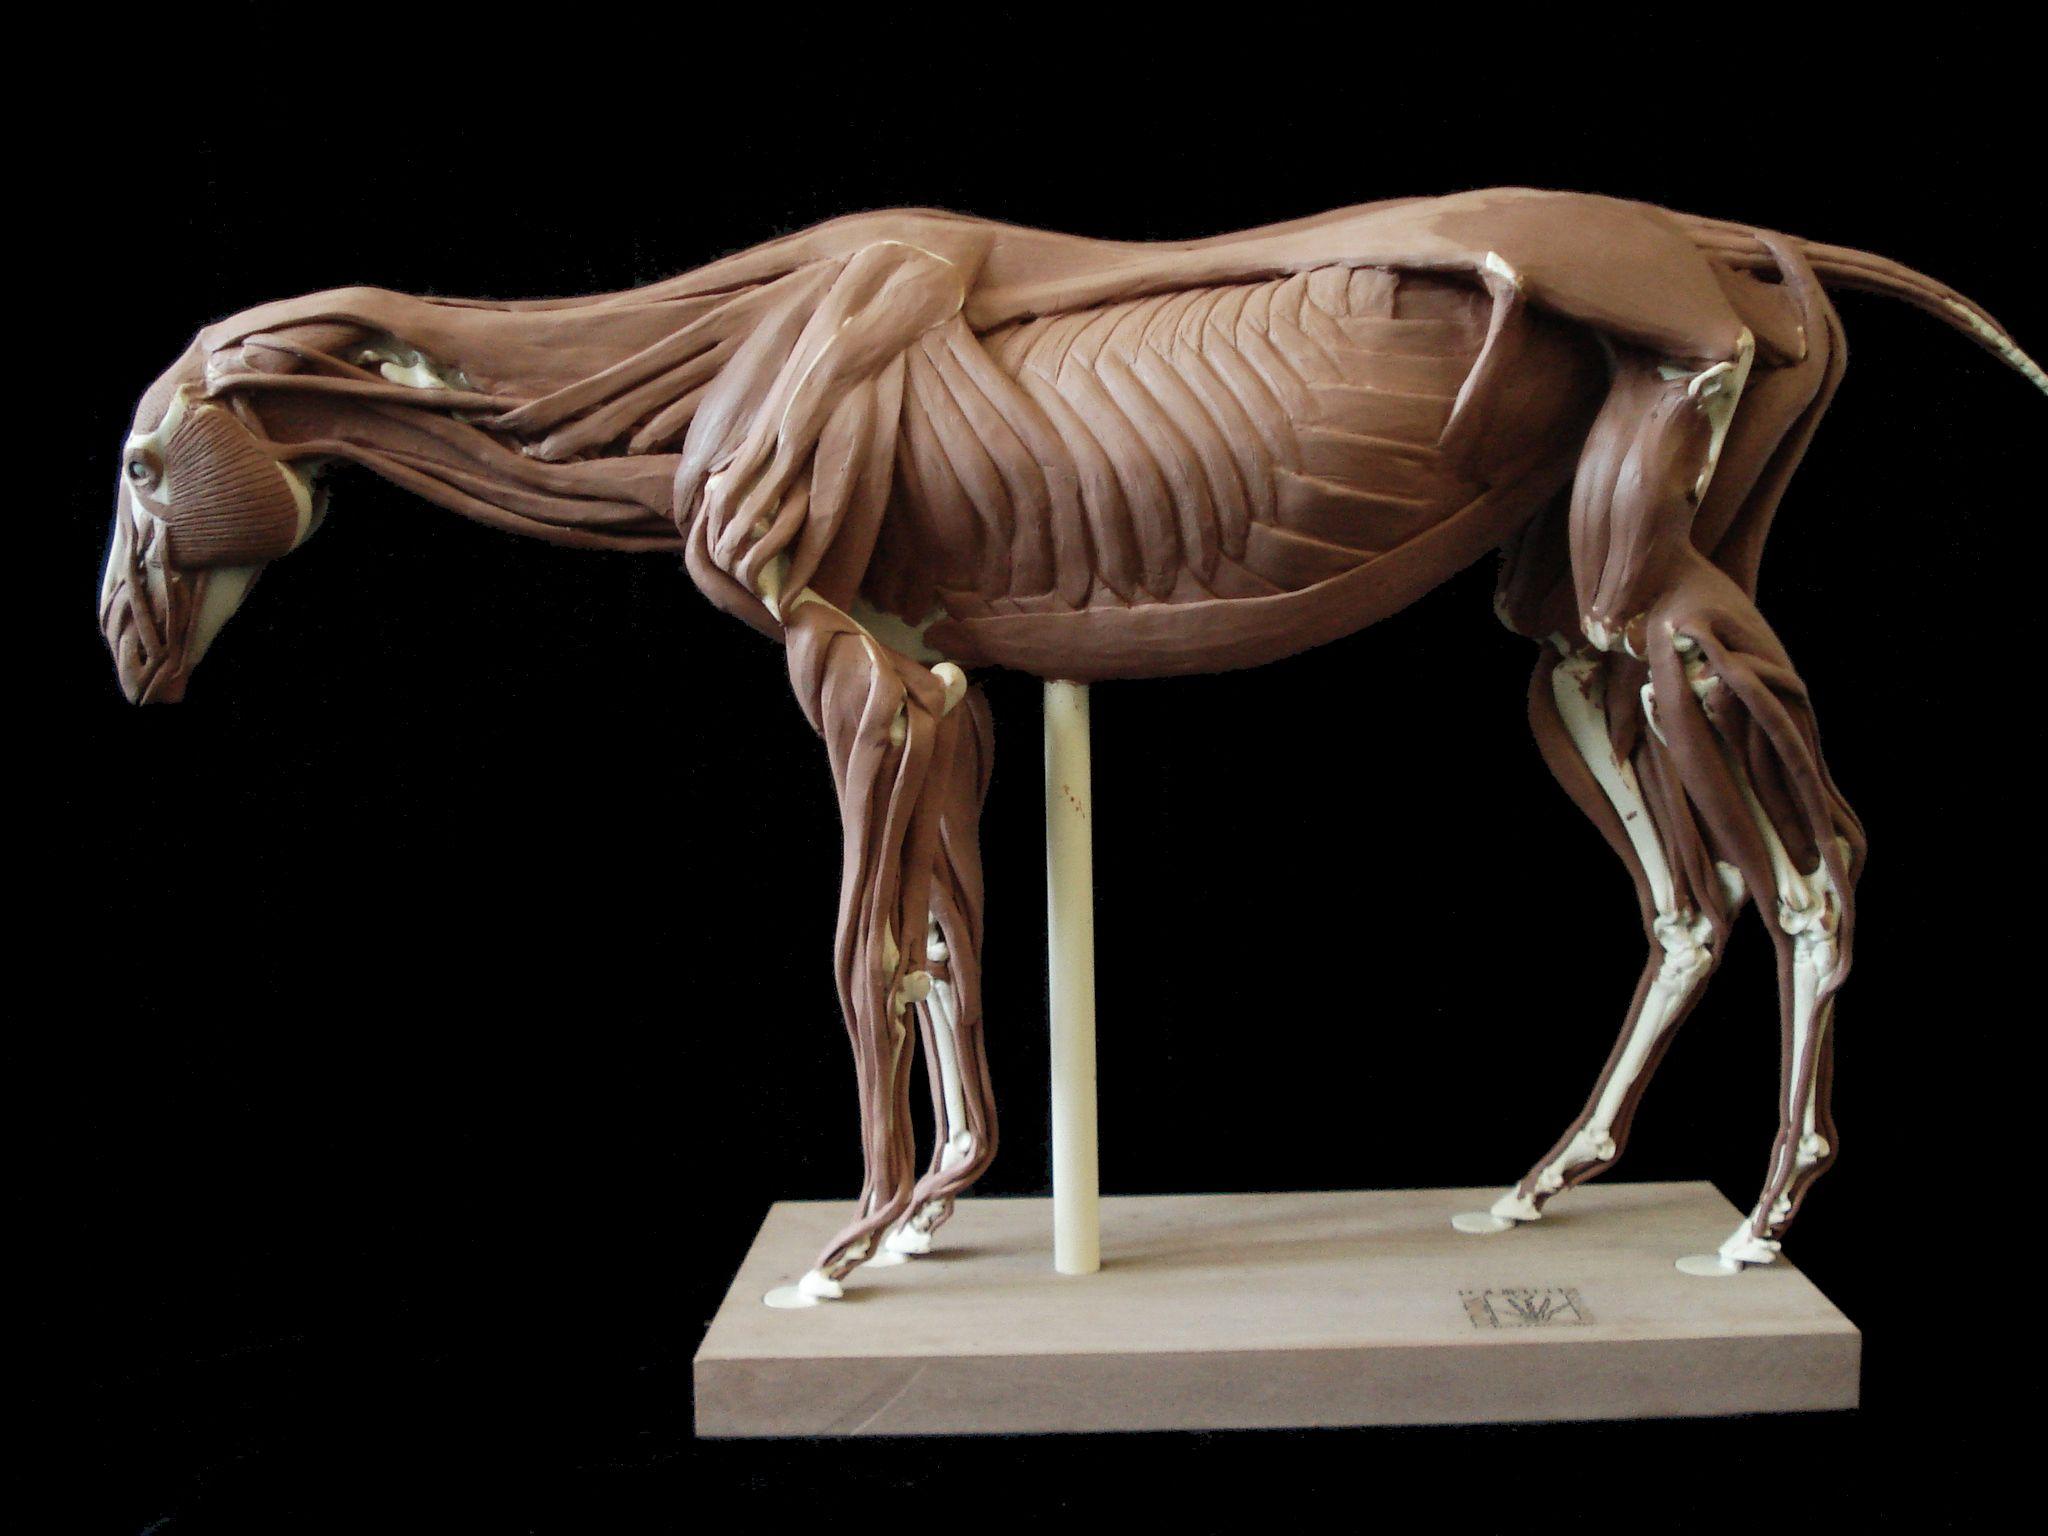 horse_anatomy__deep_muscles_by_weird_one-d4hv265.jpg (2048×1536)